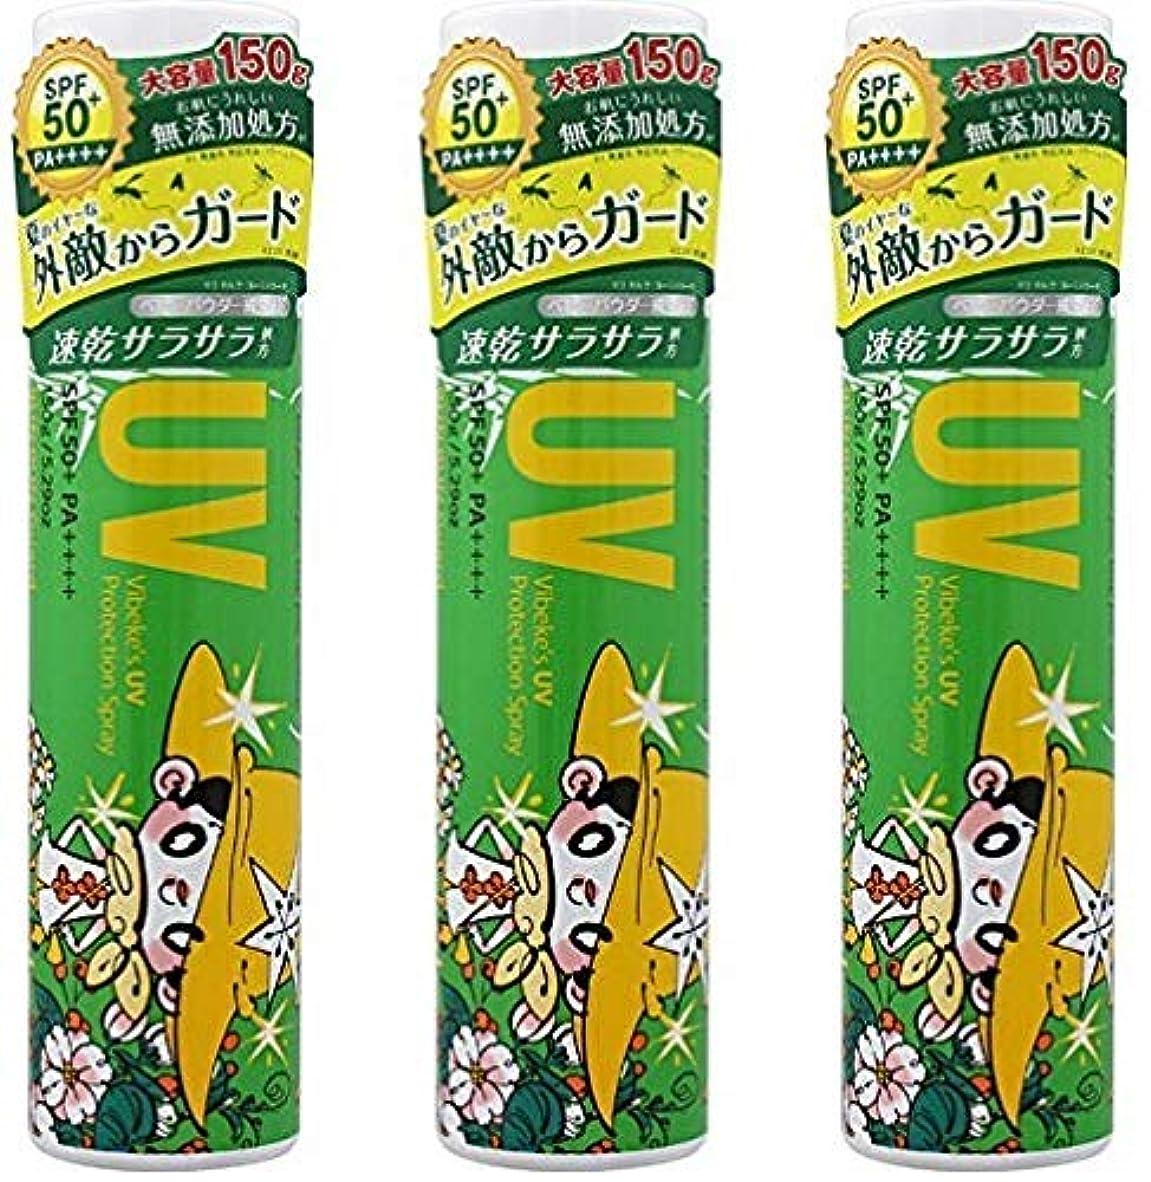 宇宙の意識的乳製品ビベッケの全身まるごとサラサラUVスプレー ブンブンガード 150g 3個セット